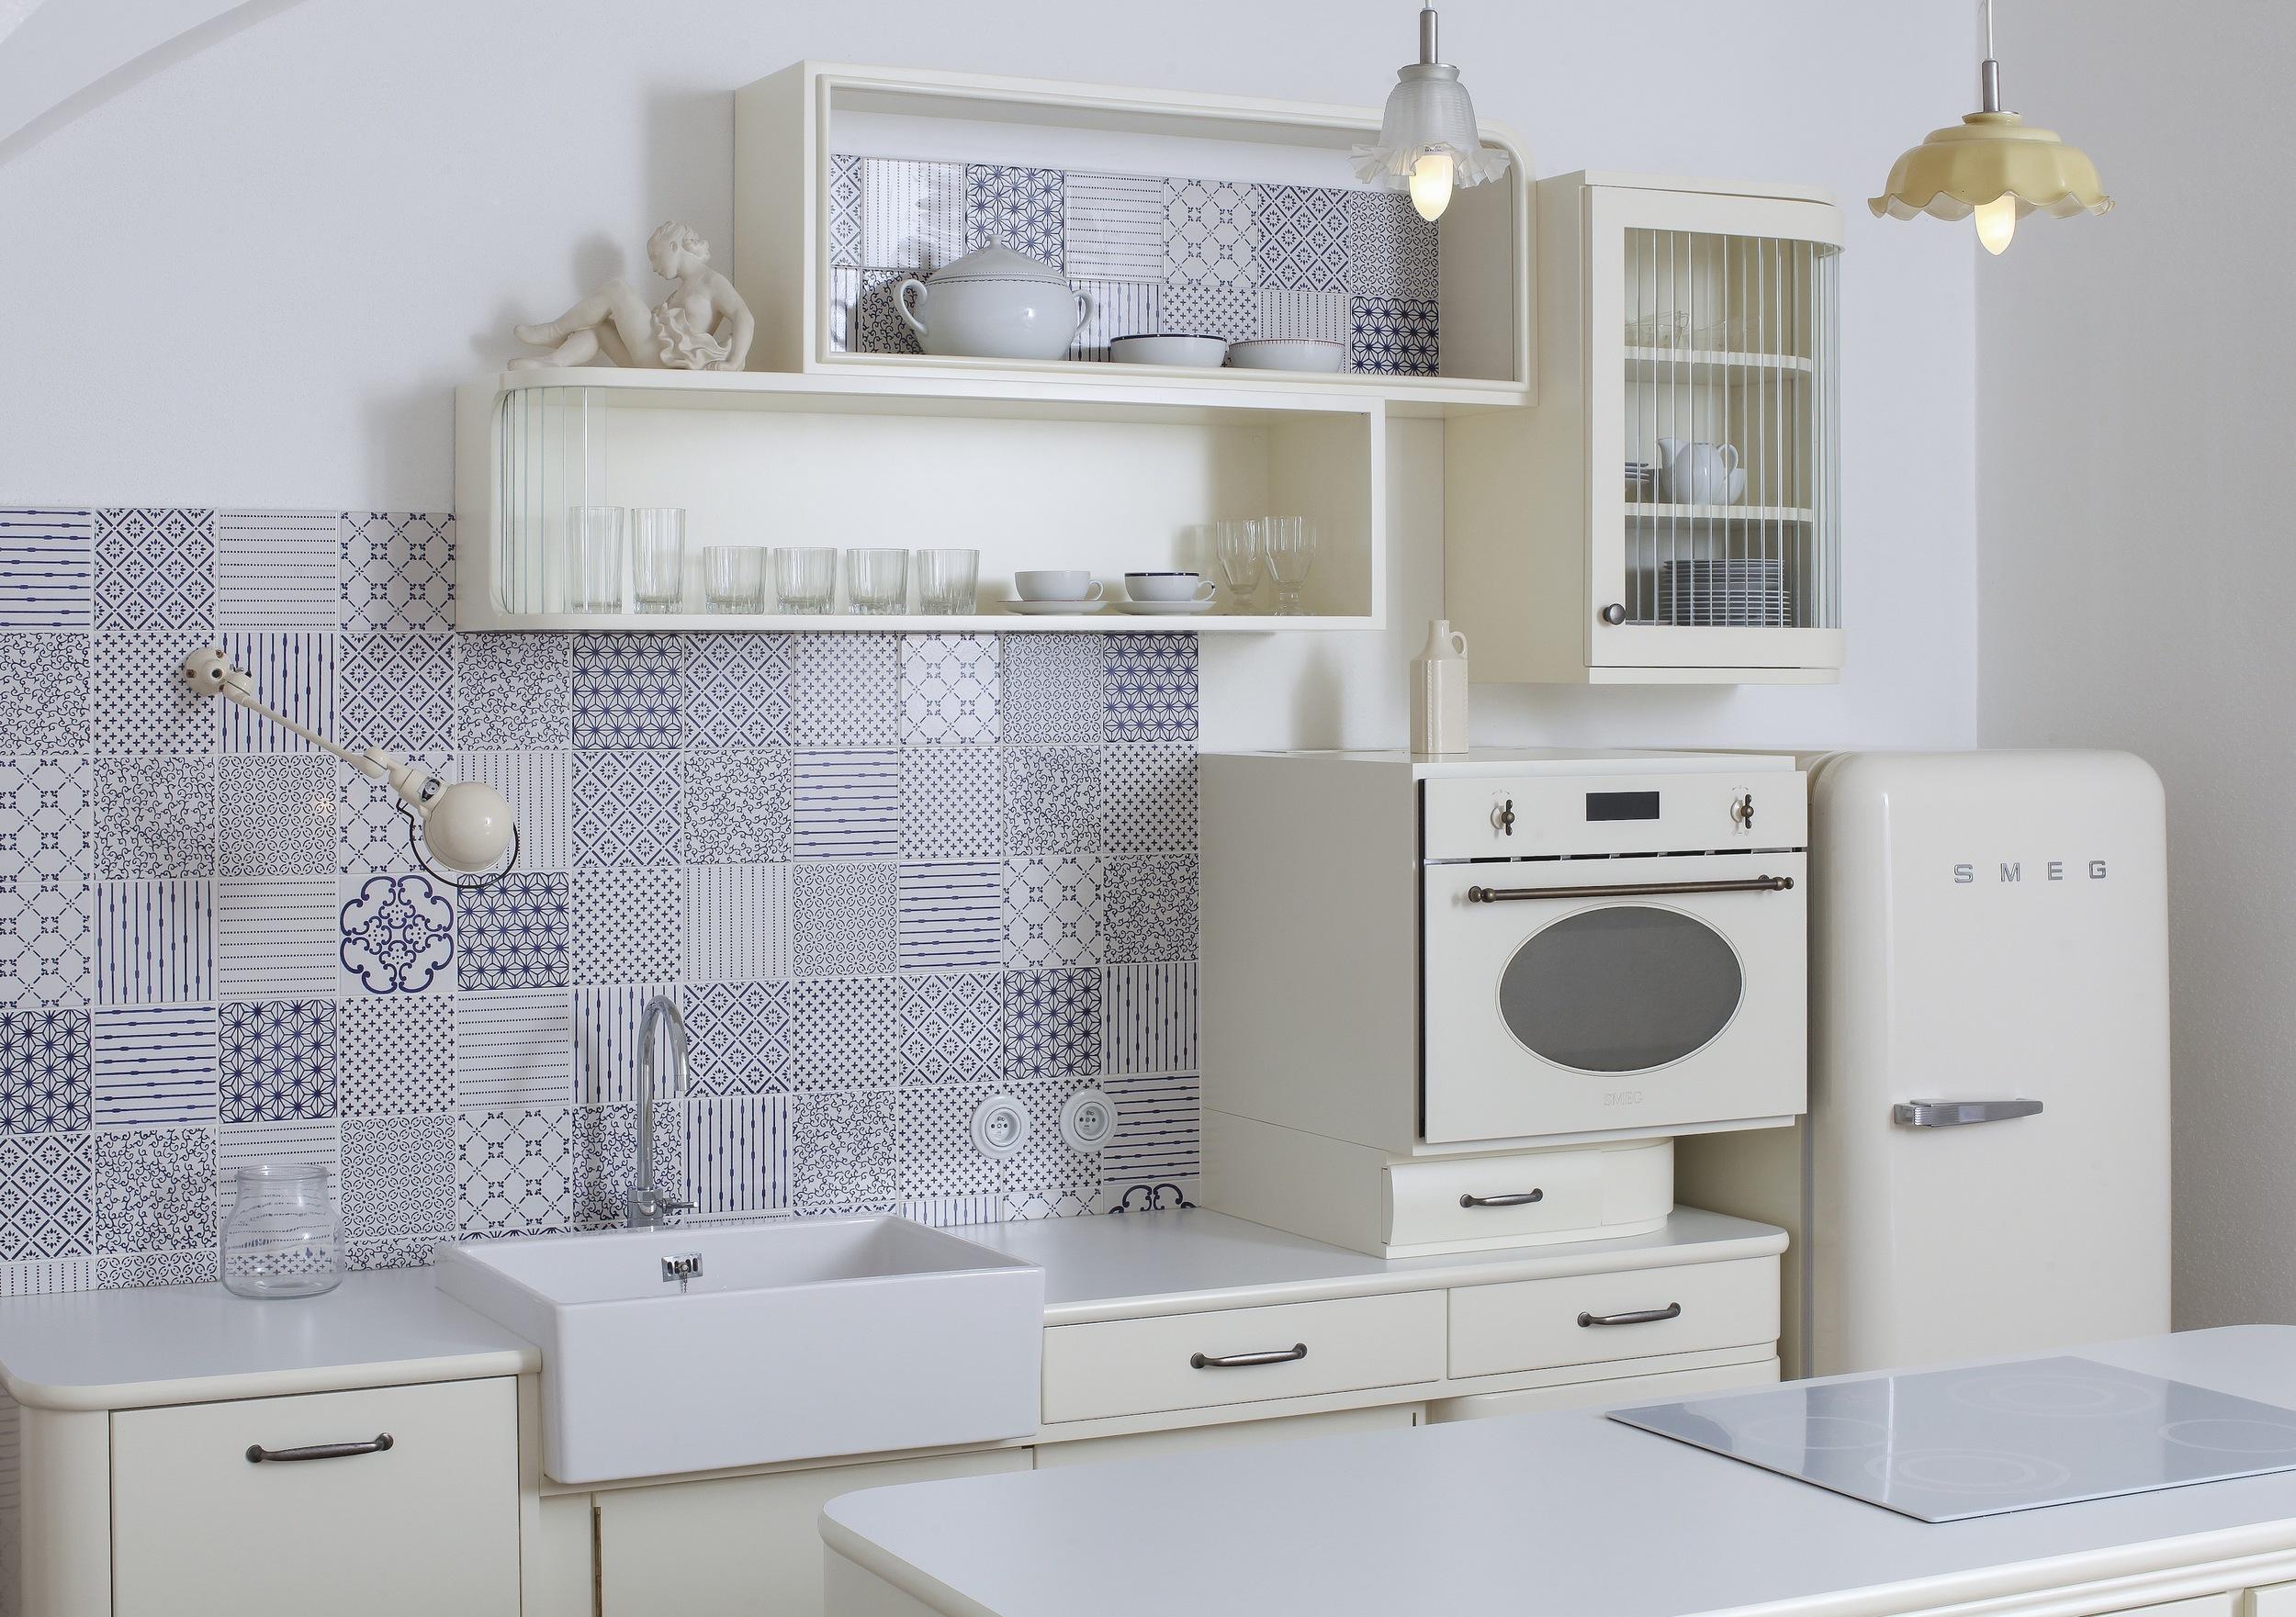 01 Dita kuchyne.jpg